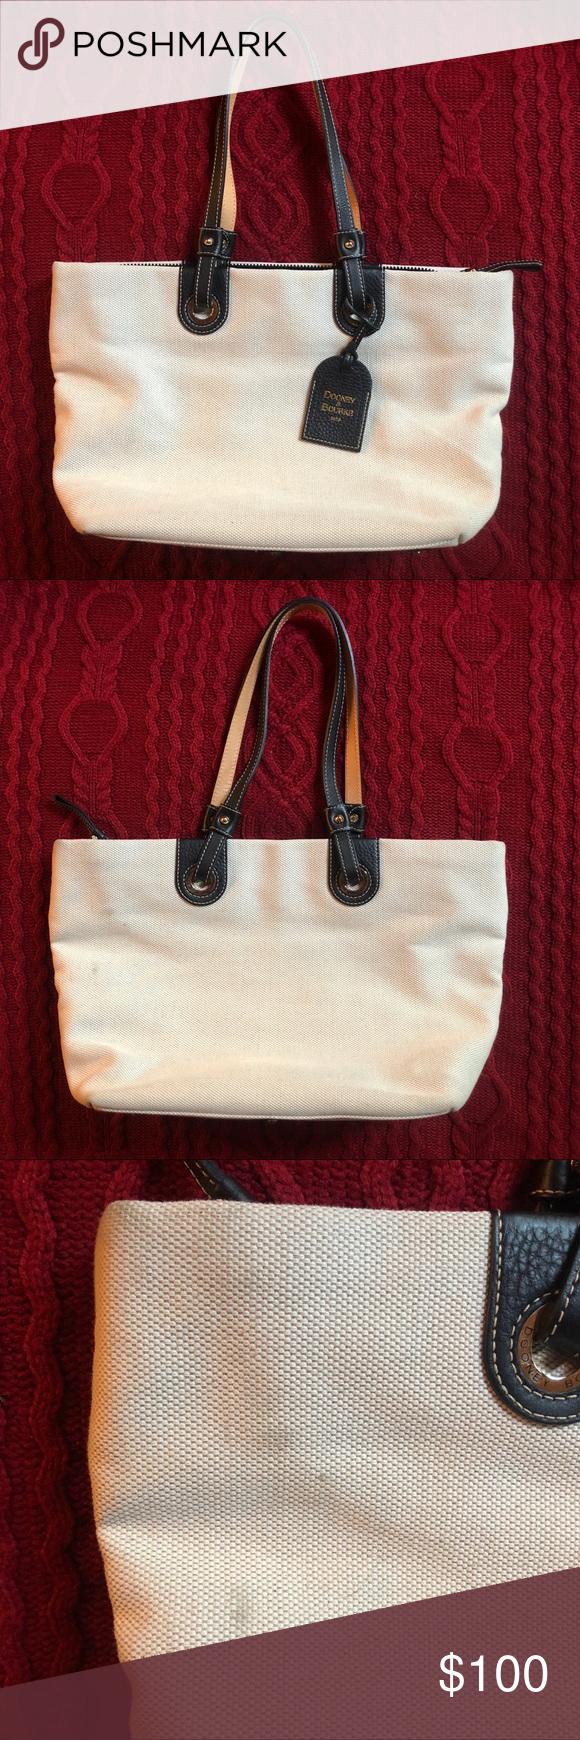 9f69785e release date mini emma satchel coach f31470 silver pale blue a6182 af35c